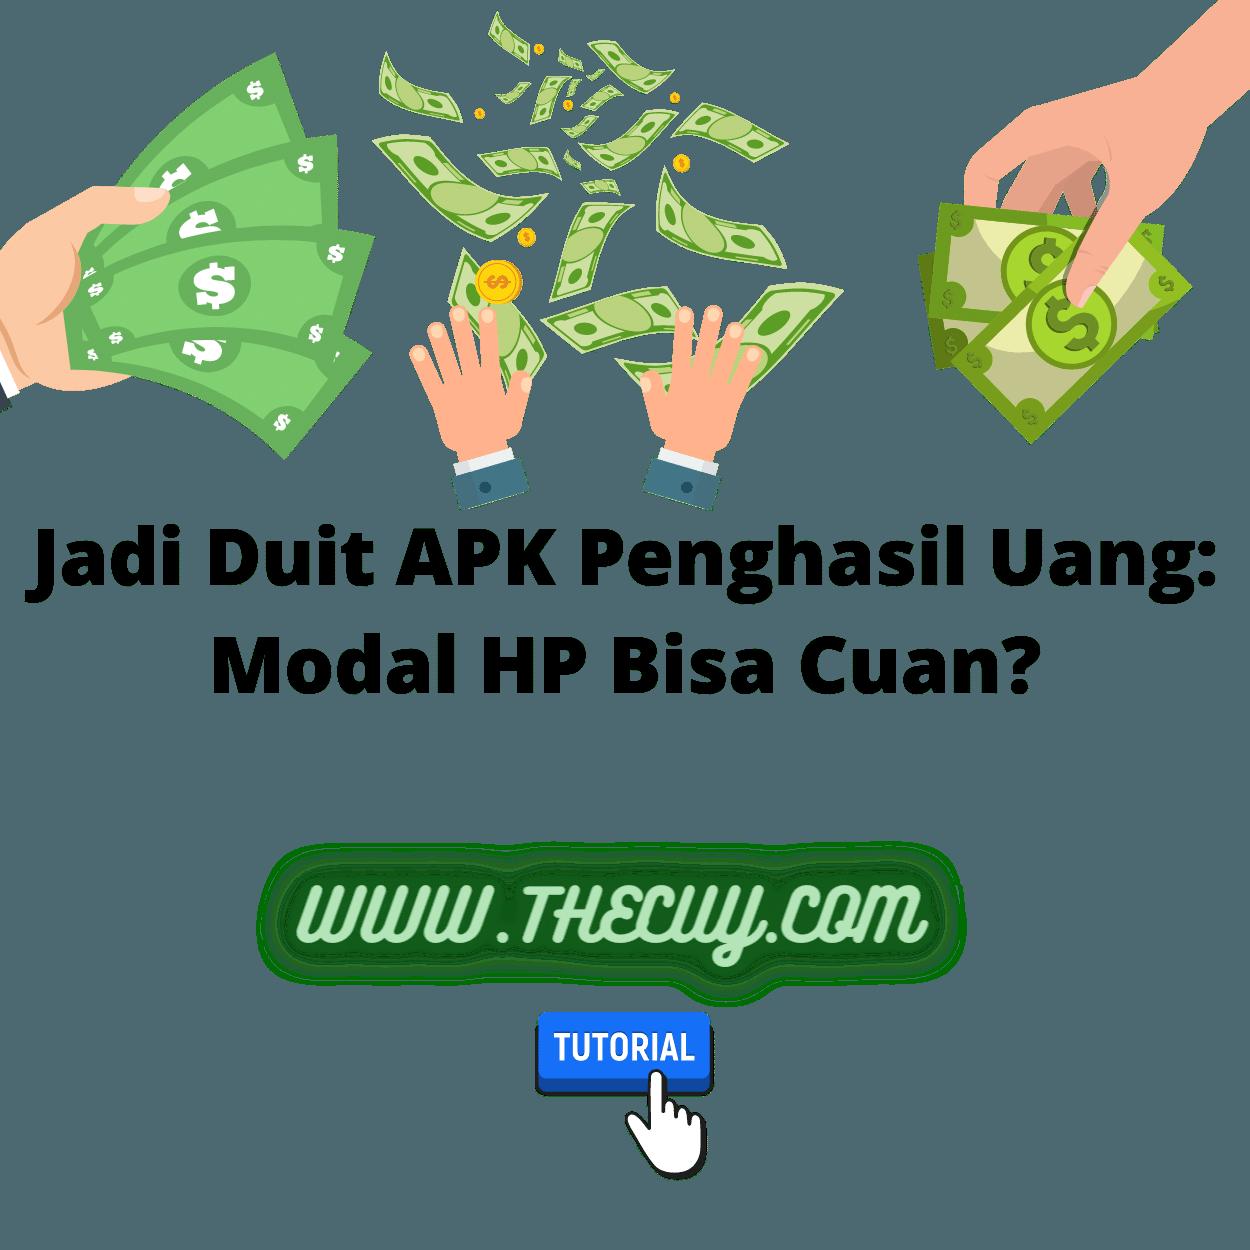 Jadi Duit APK Penghasil Uang: Modal HP Bisa Cuan?